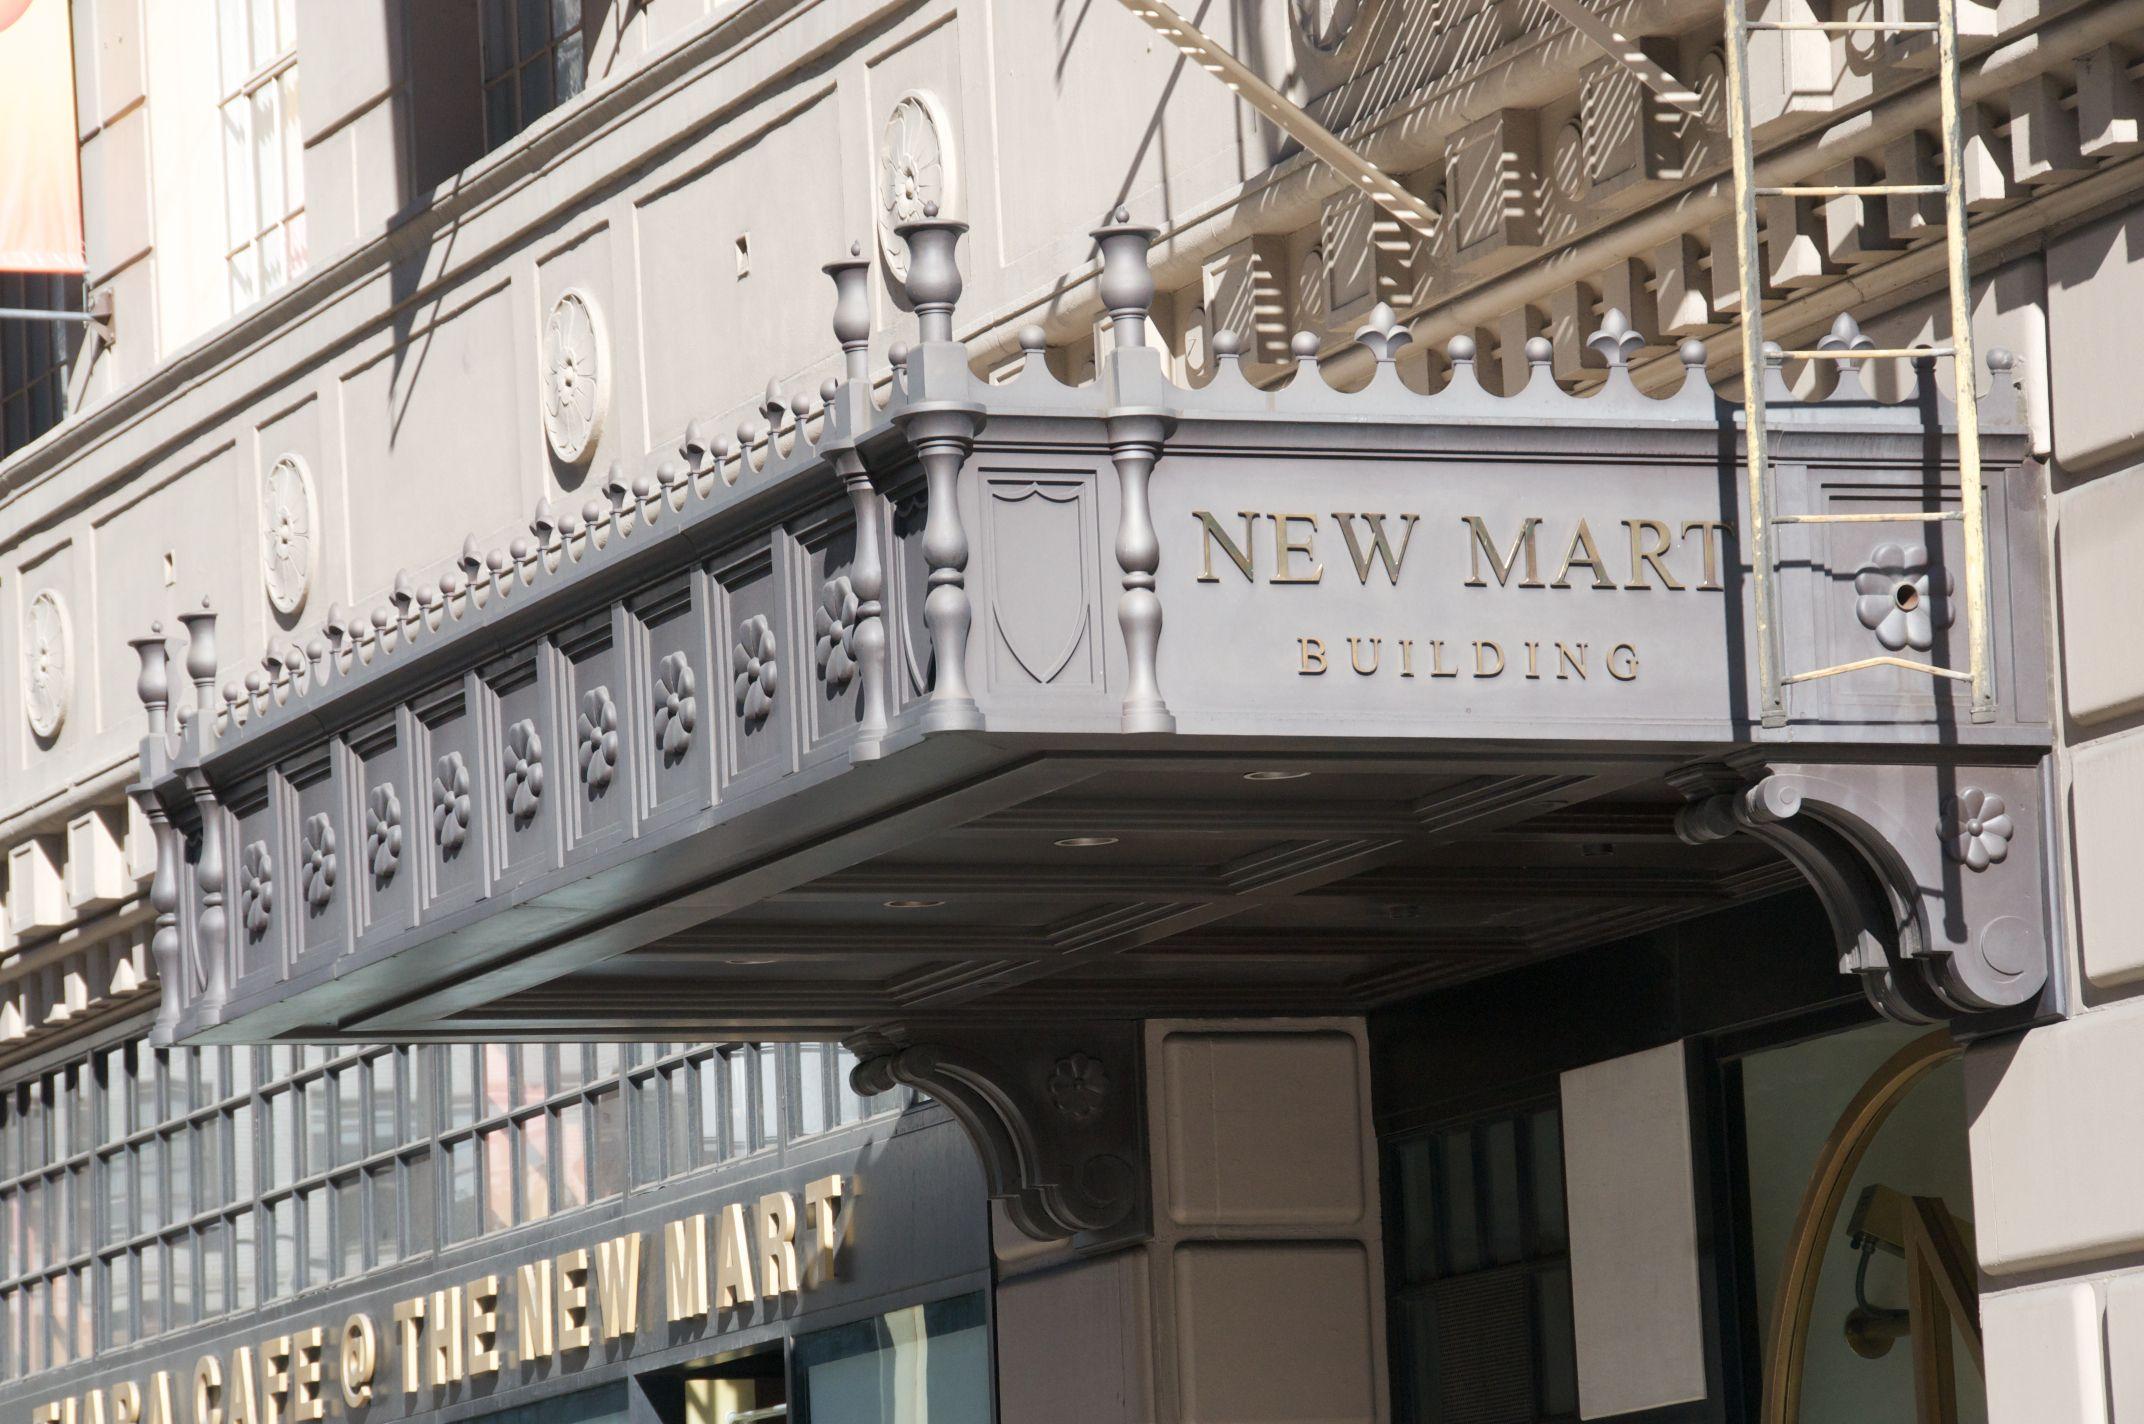 The New Mart Building La Fashion District Photo By Gary Leonard Building La Fashion District Beautiful Architecture